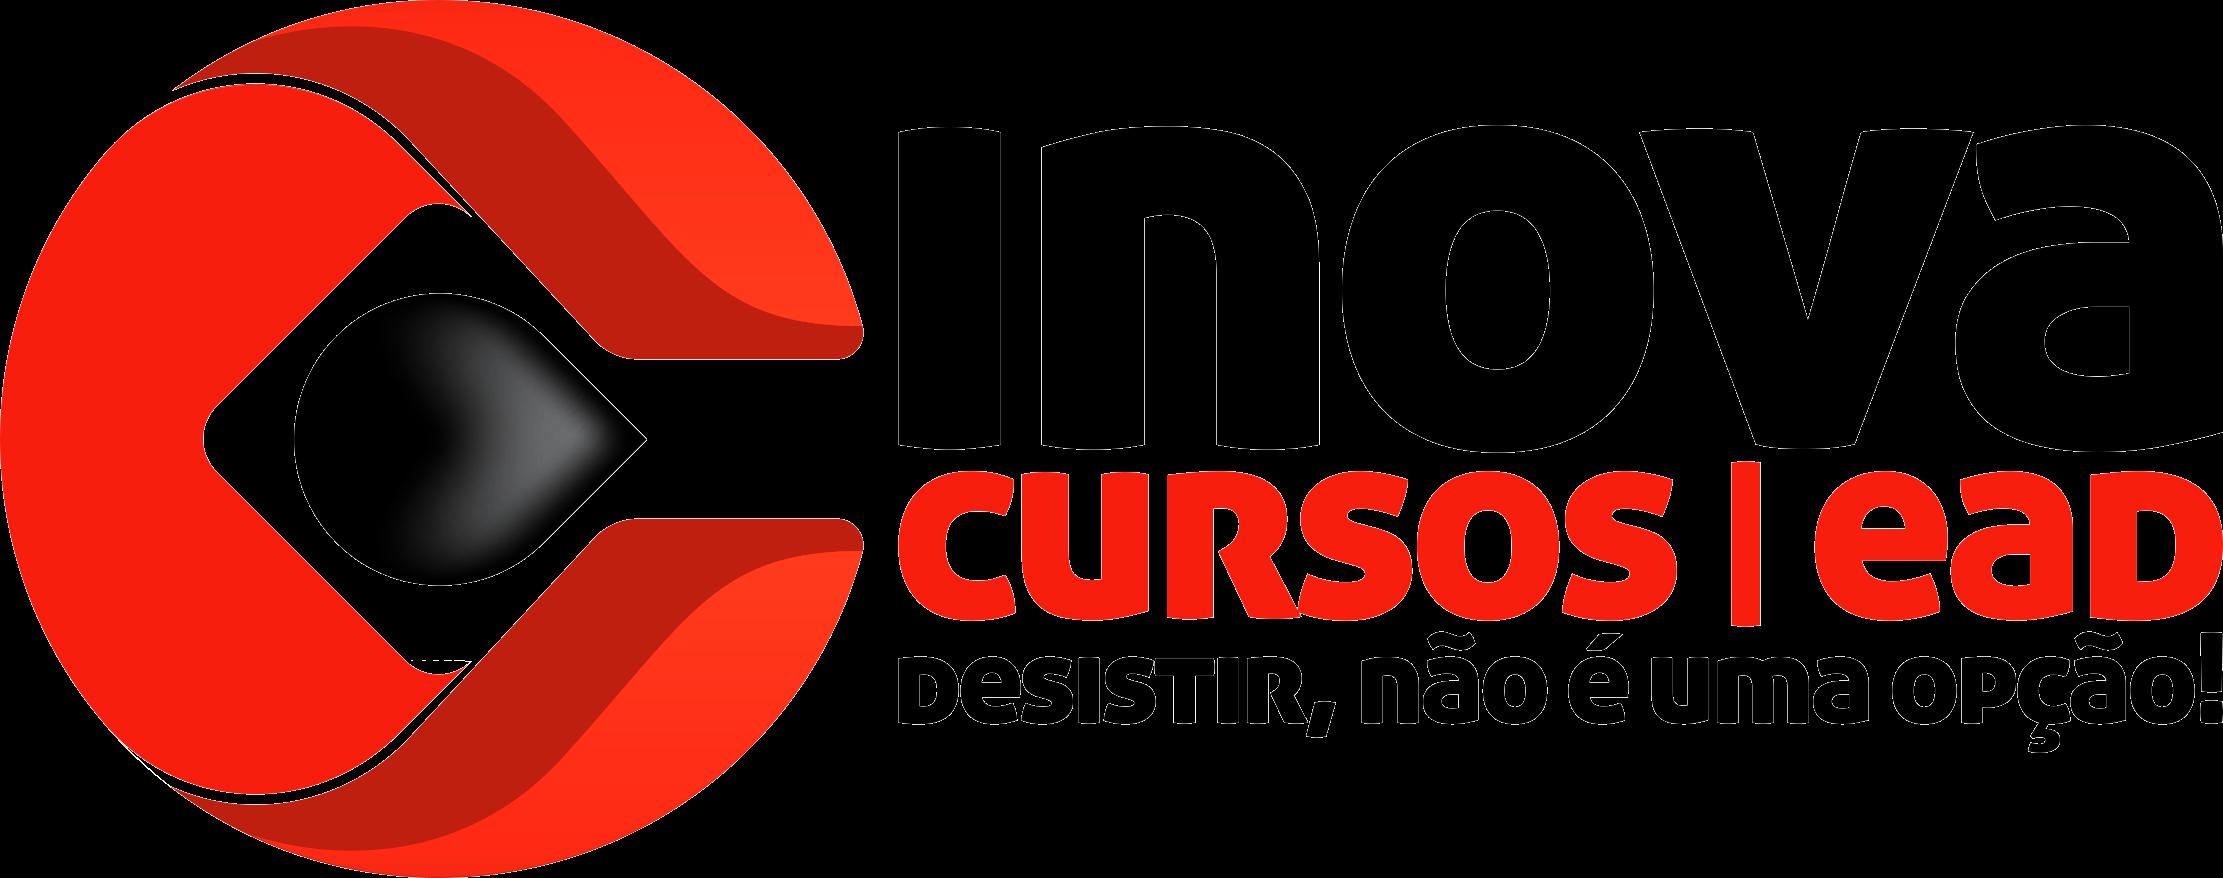 Portal Inova Cursos - Desistir, não é uma opção!